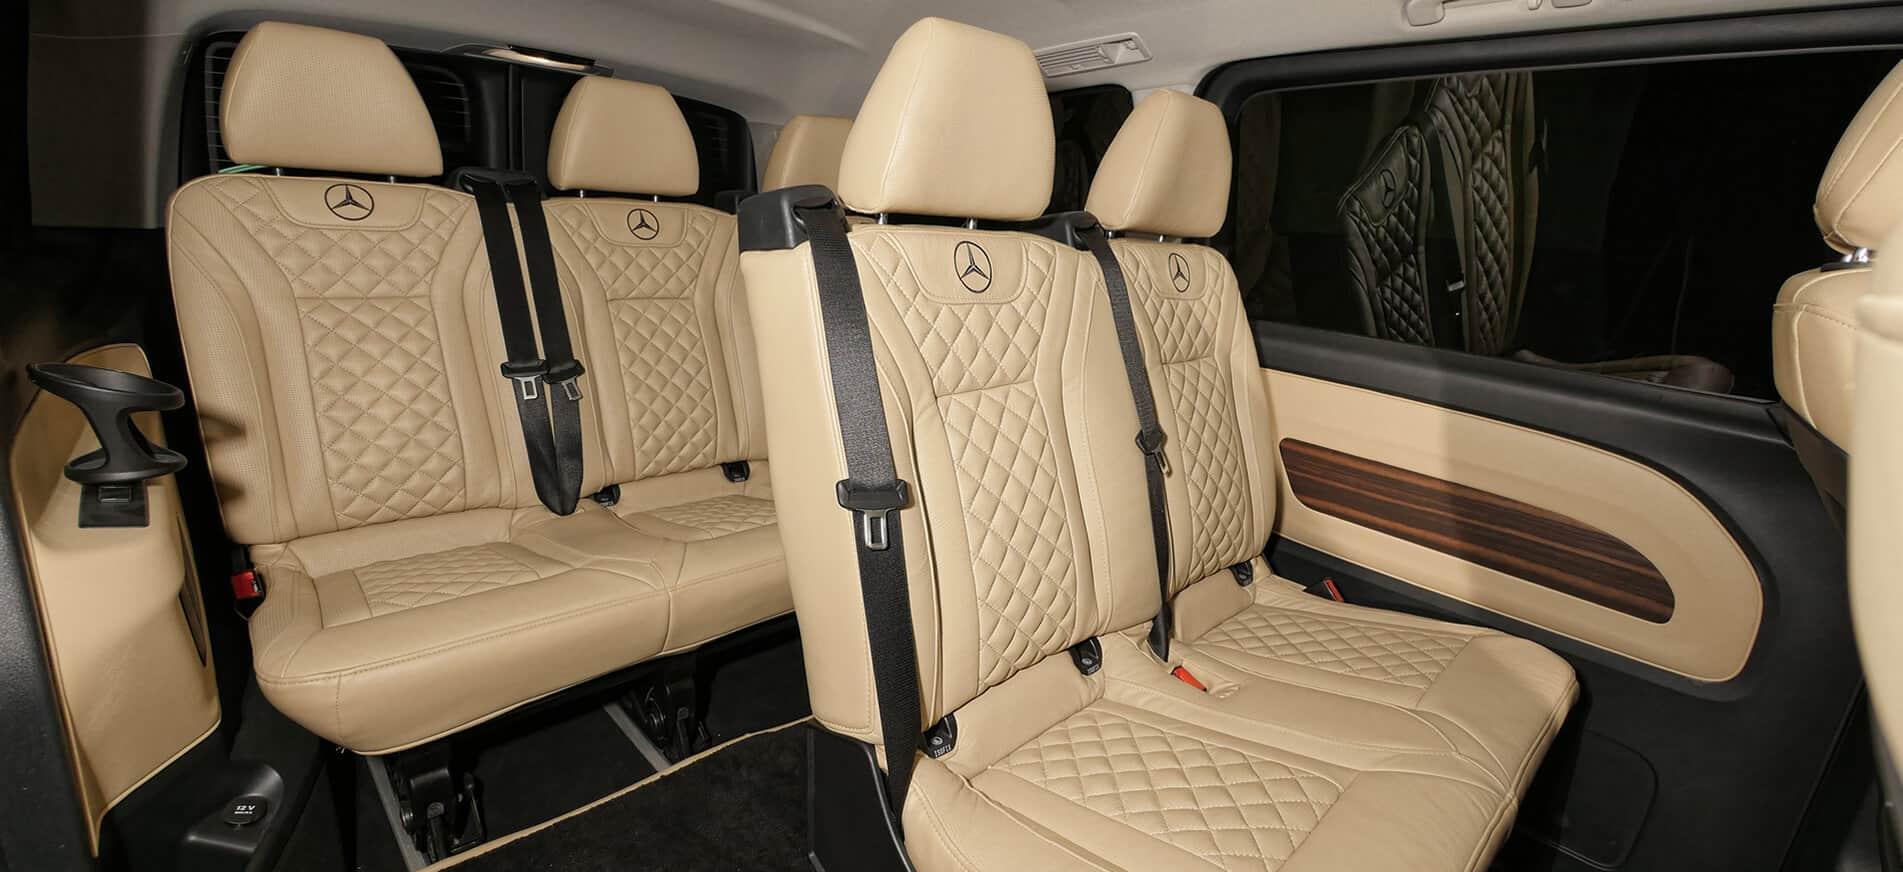 Executive Edition - Mercedes Metris